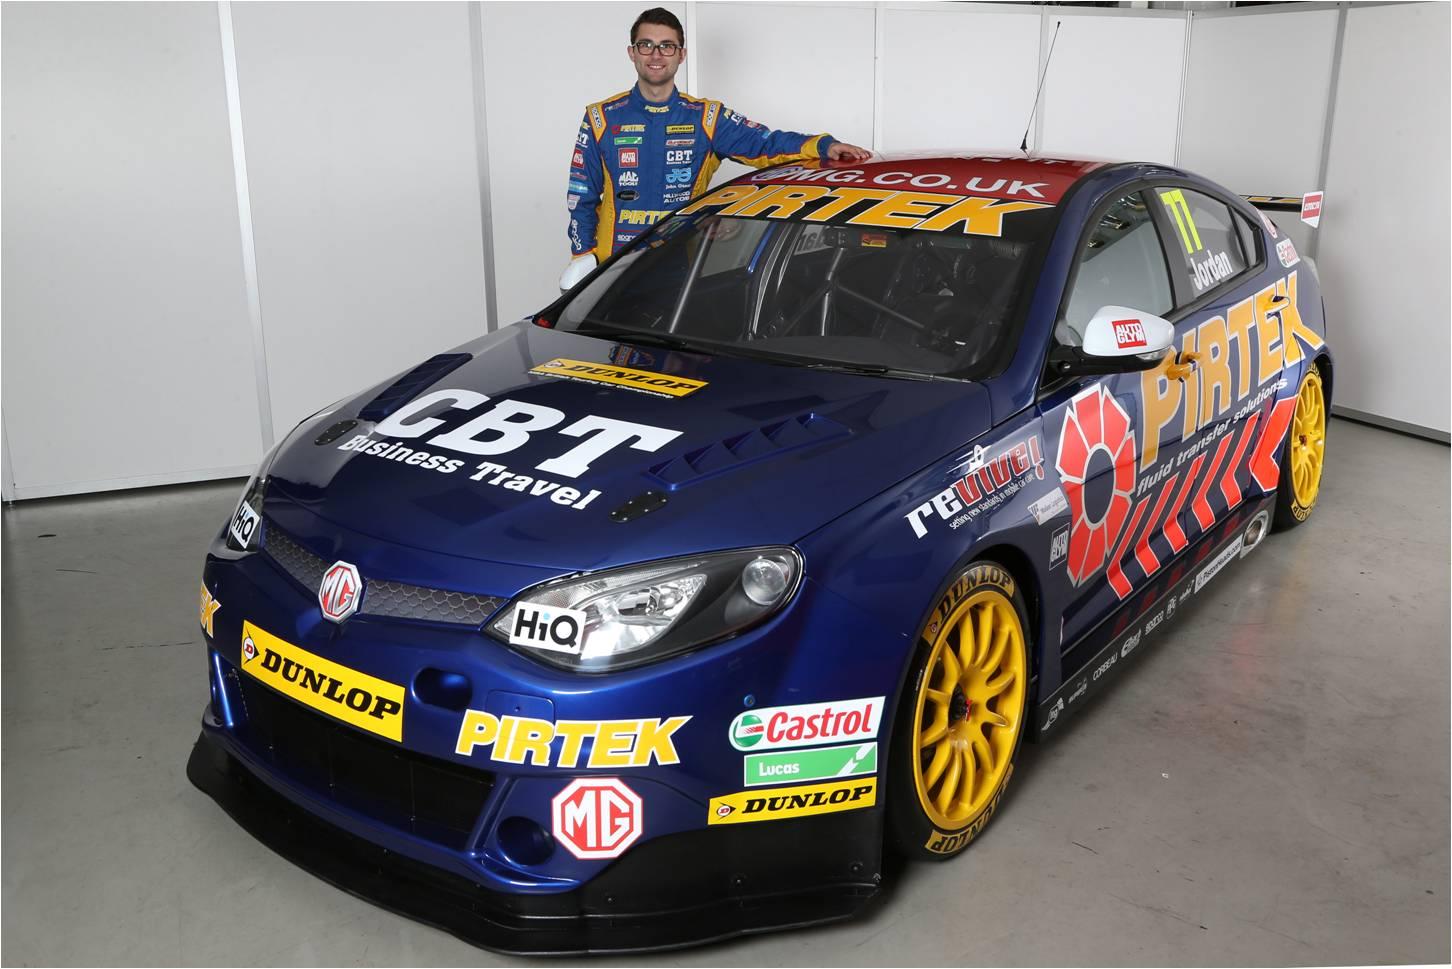 CarShop partner MG Signs Andrew Jordan to Defend BTCC Manufacturer Championship